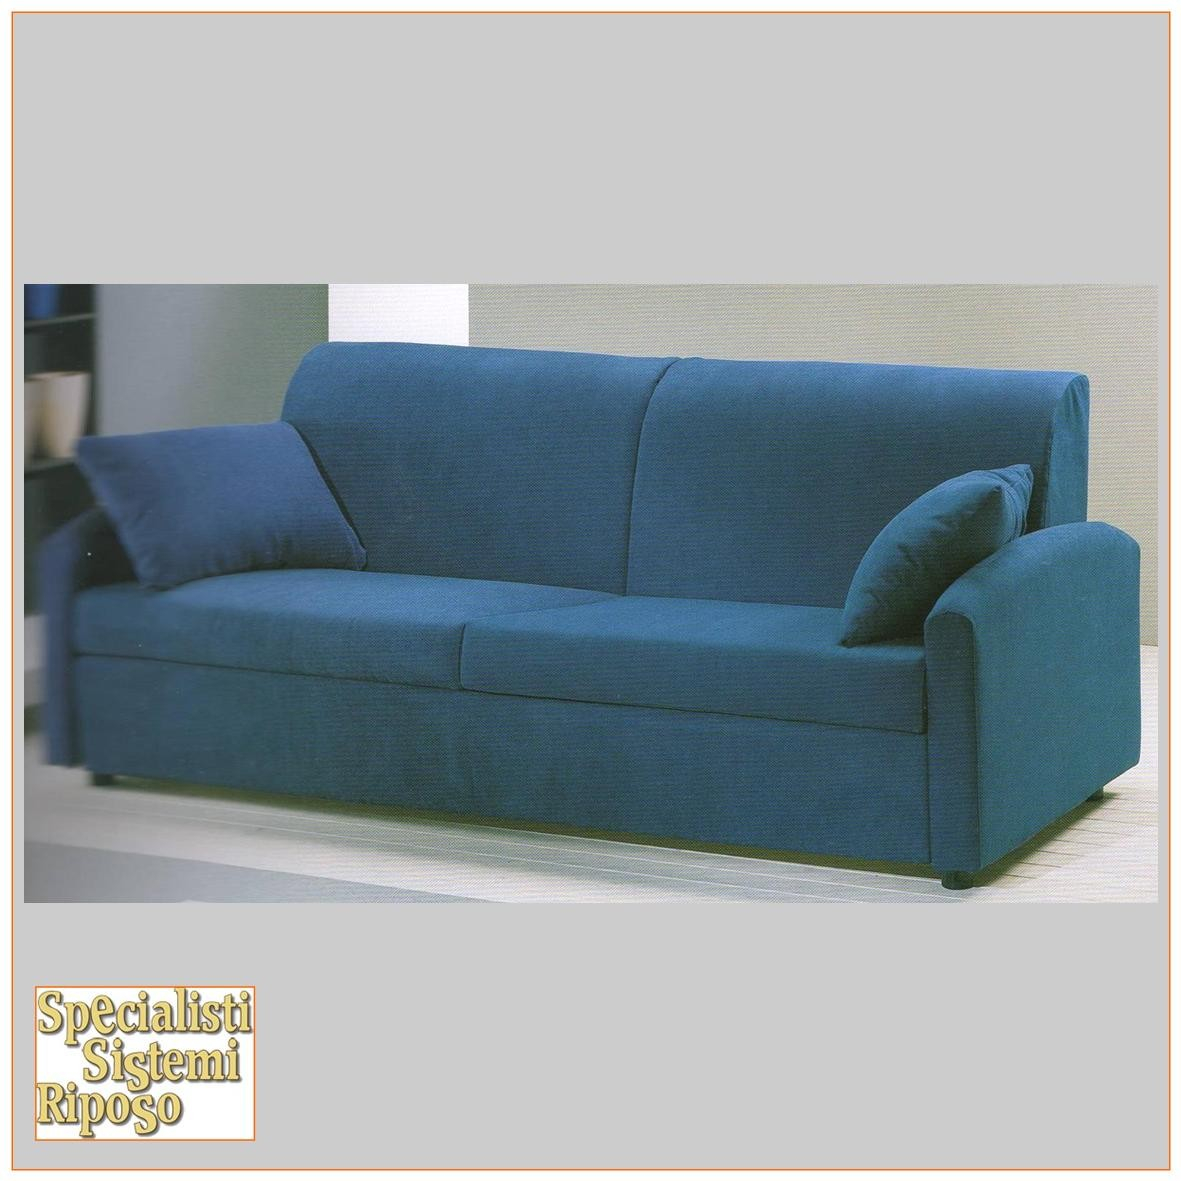 Rete per divano letto great com u modello eureka with - Divano letto con rete a doghe ...